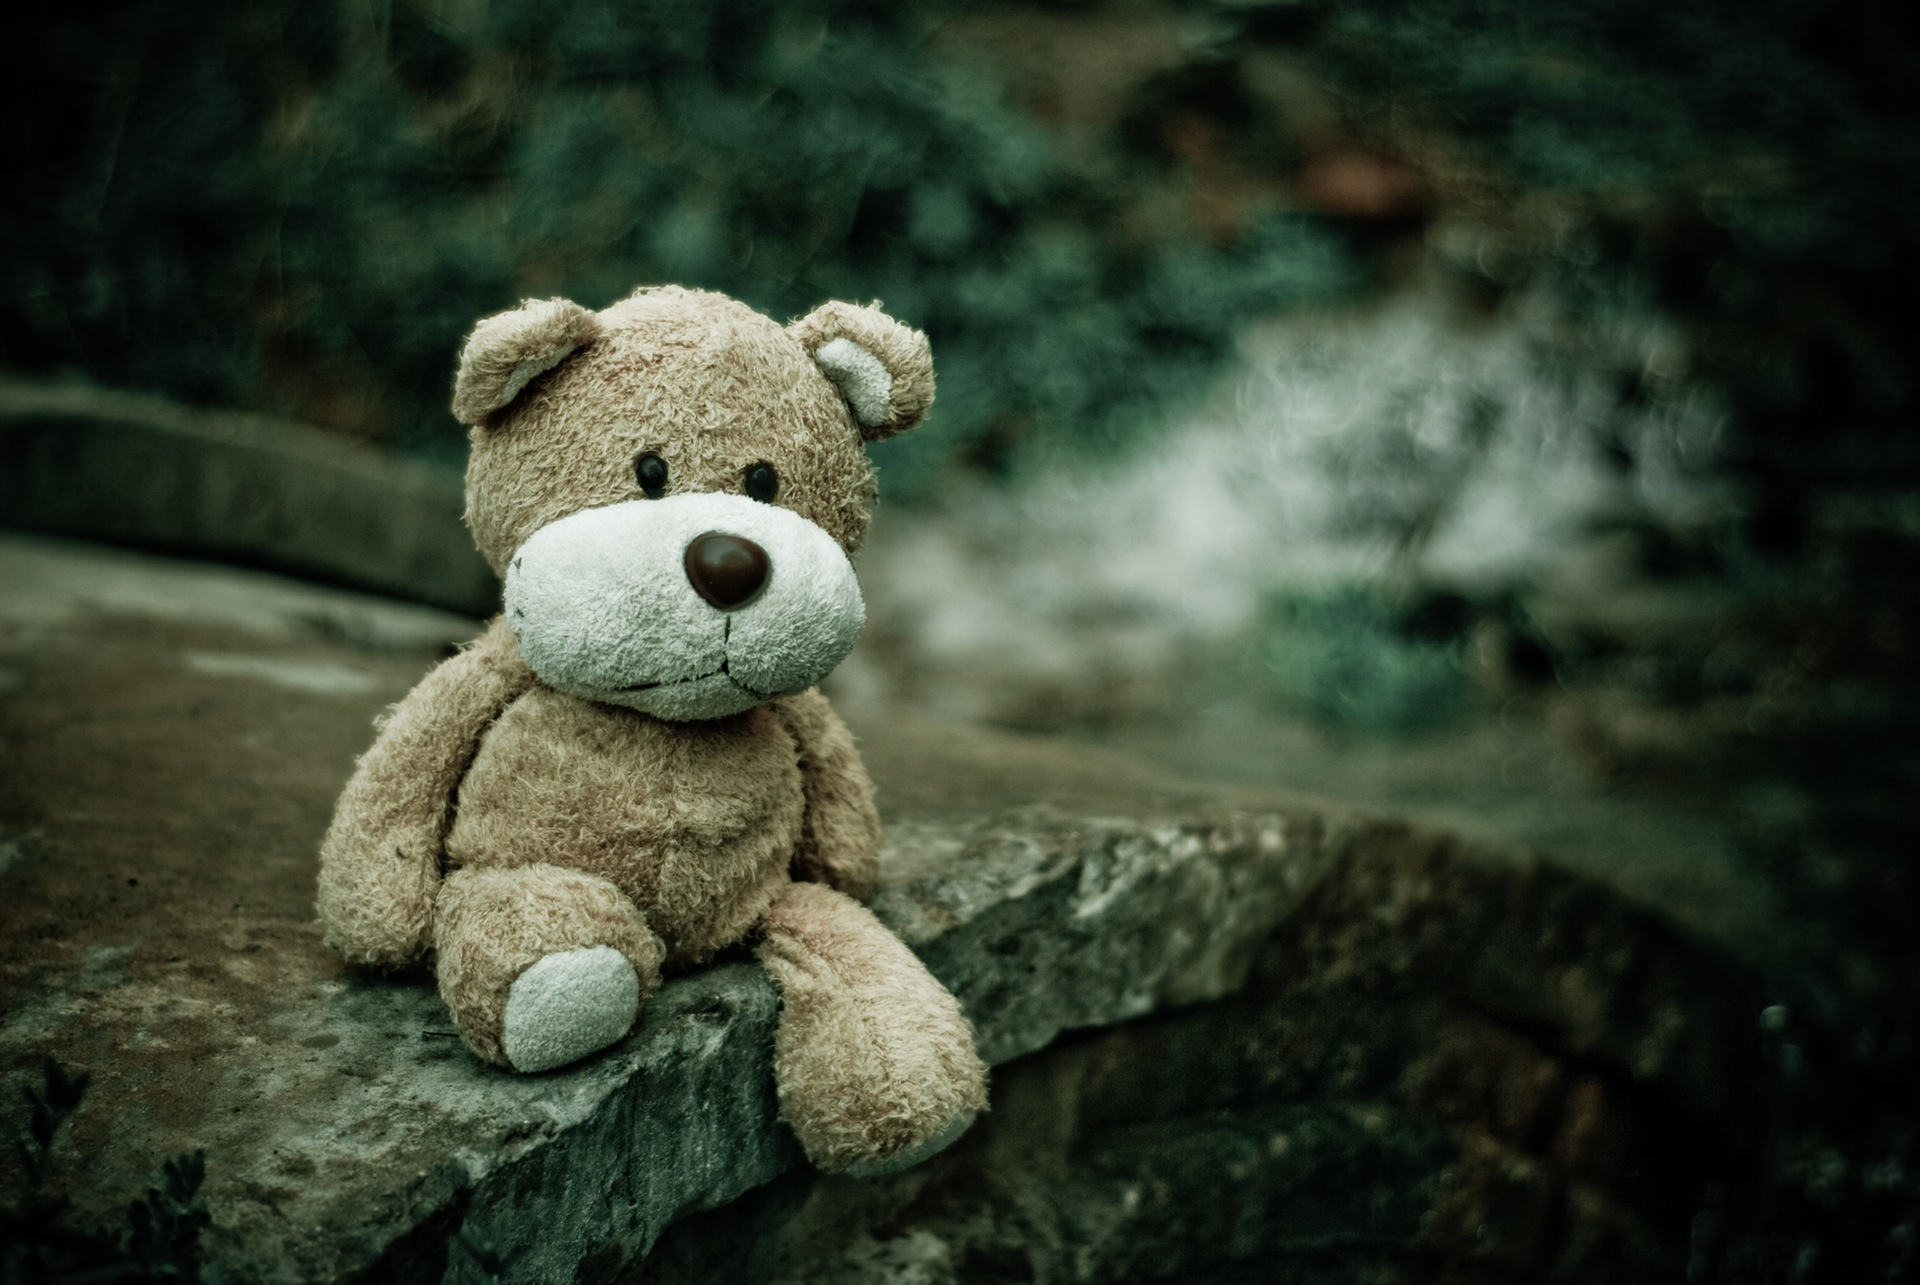 Плюшевый медведь, Тедди, мост, нежность, Природа - Обои HD - Профессор falken.com